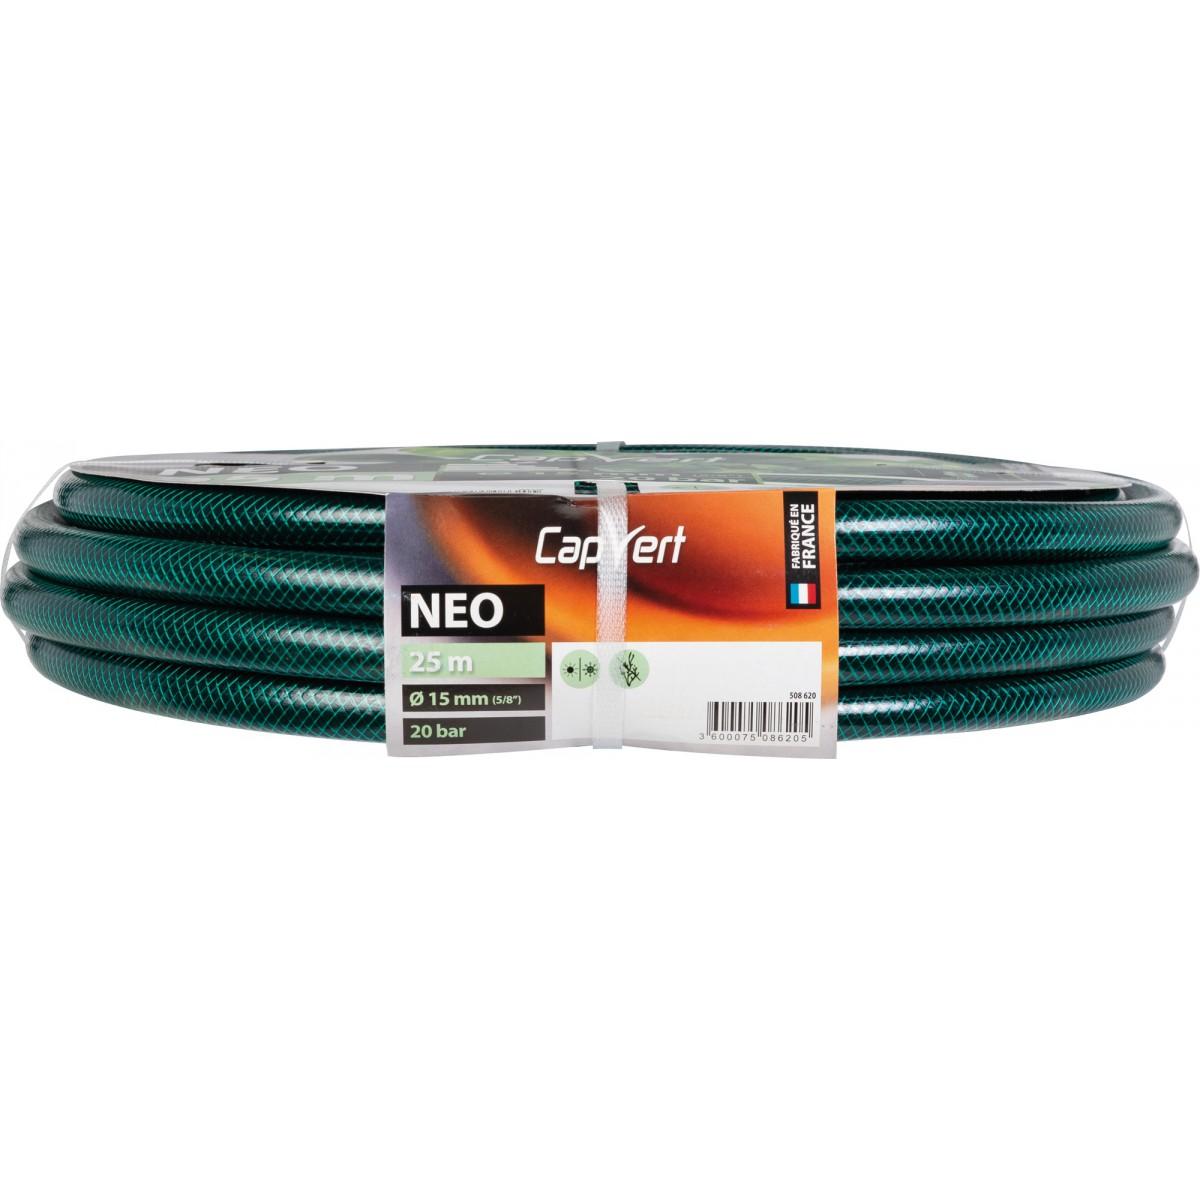 Tuyau d'arrosage Néo Reflex Cap Vert - Diamètre 15 mm- Longueur 25 m